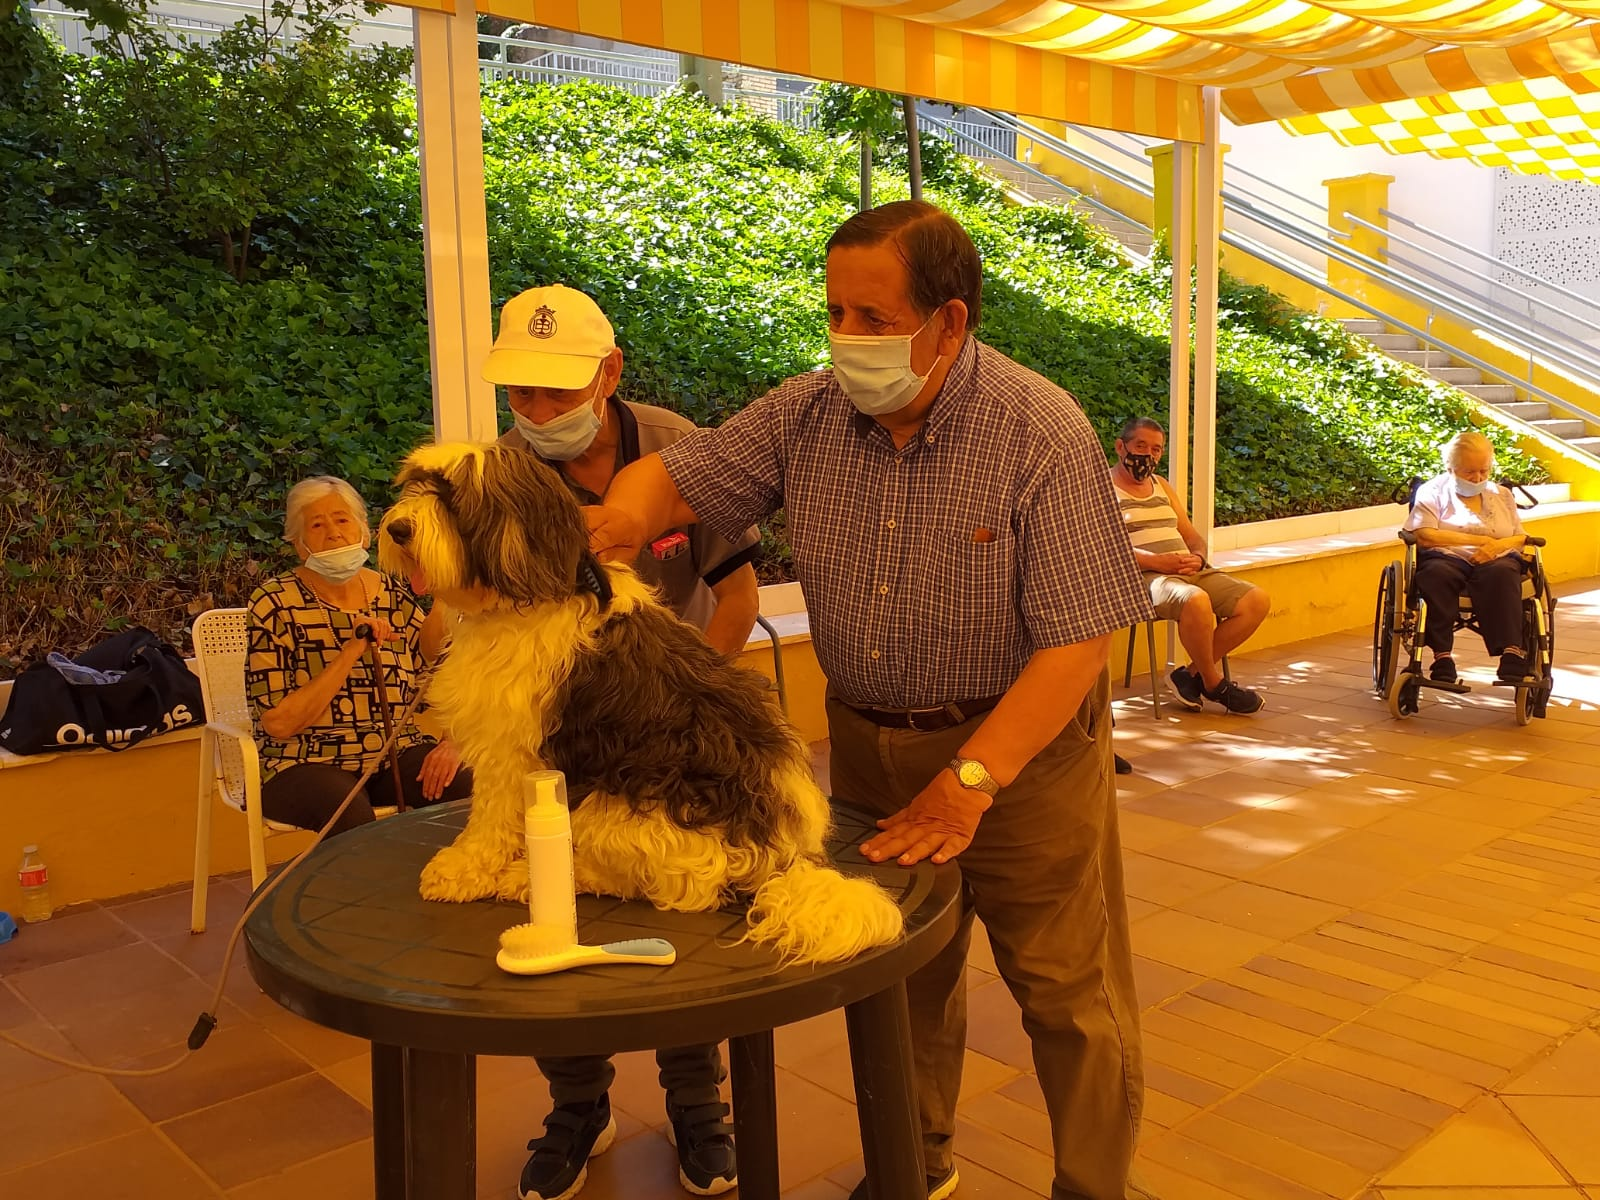 La Diputación organiza un programa de actividades para celebrar en la Residencia Provincial la festividad de su patrón